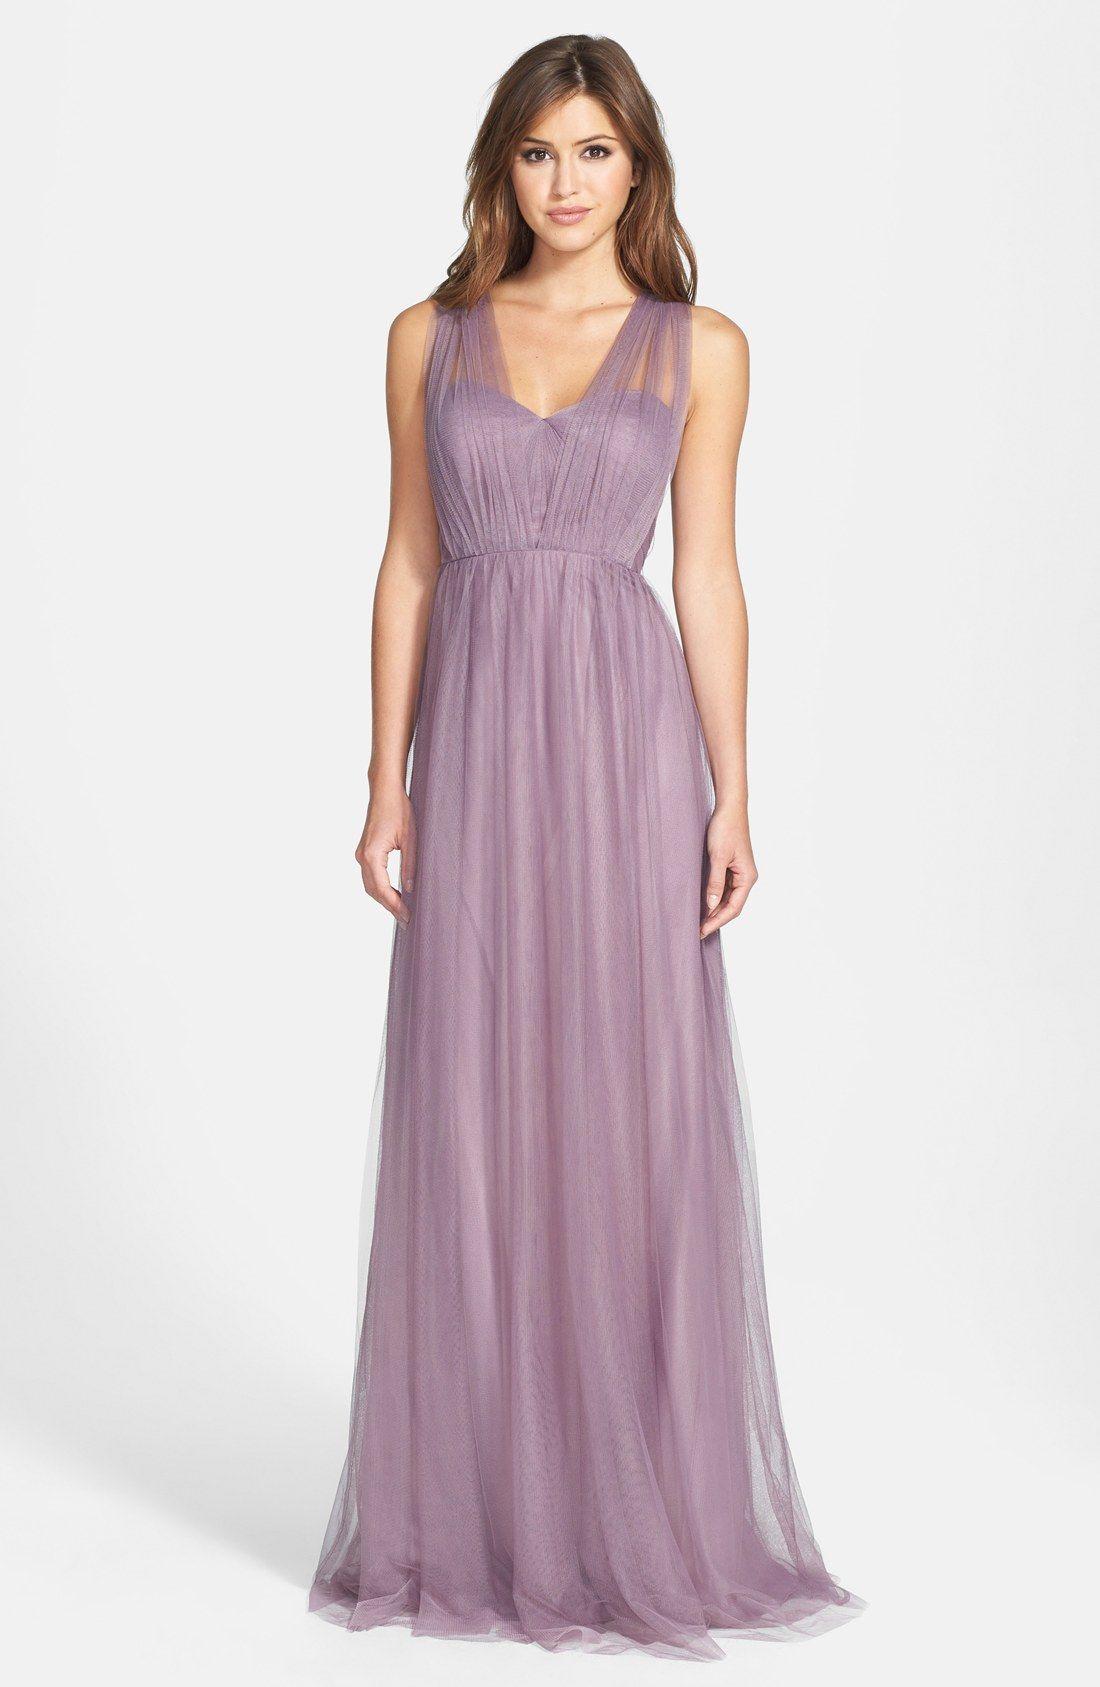 Annabelle Convertible Tulle Column Dress | Dügün und Hochzeitskleider